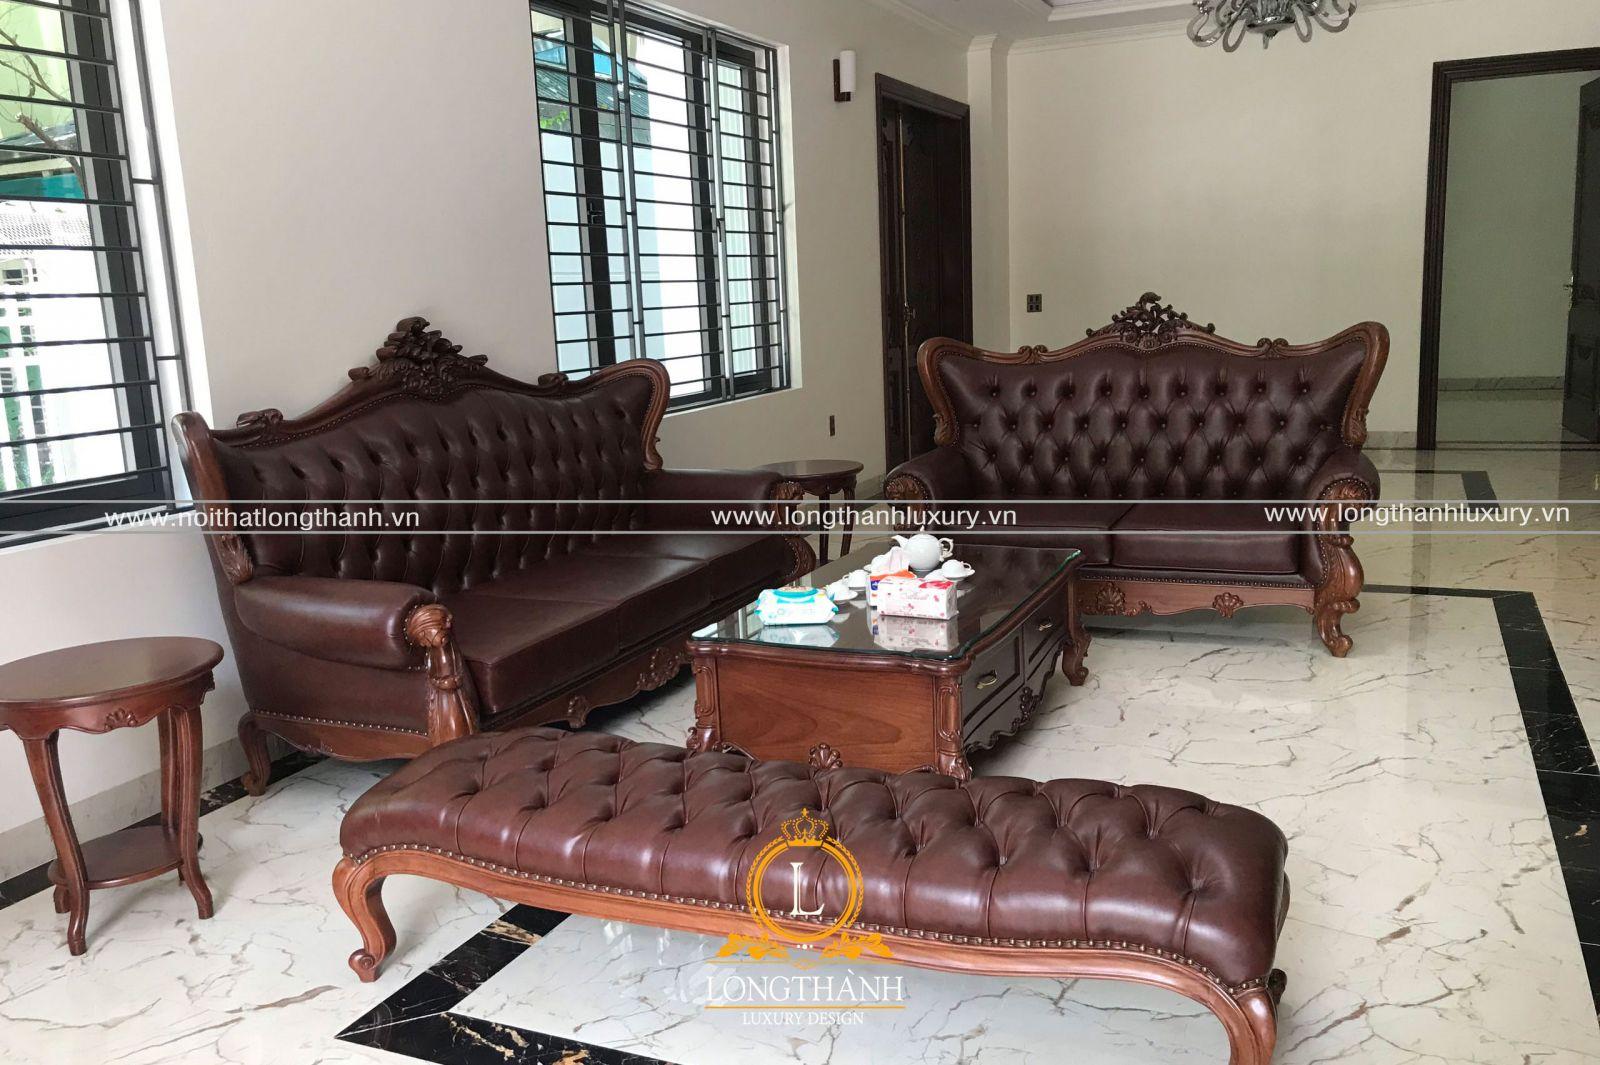 Bộ sofa được bàn giao theo đơn đặt hàng đã ký kết